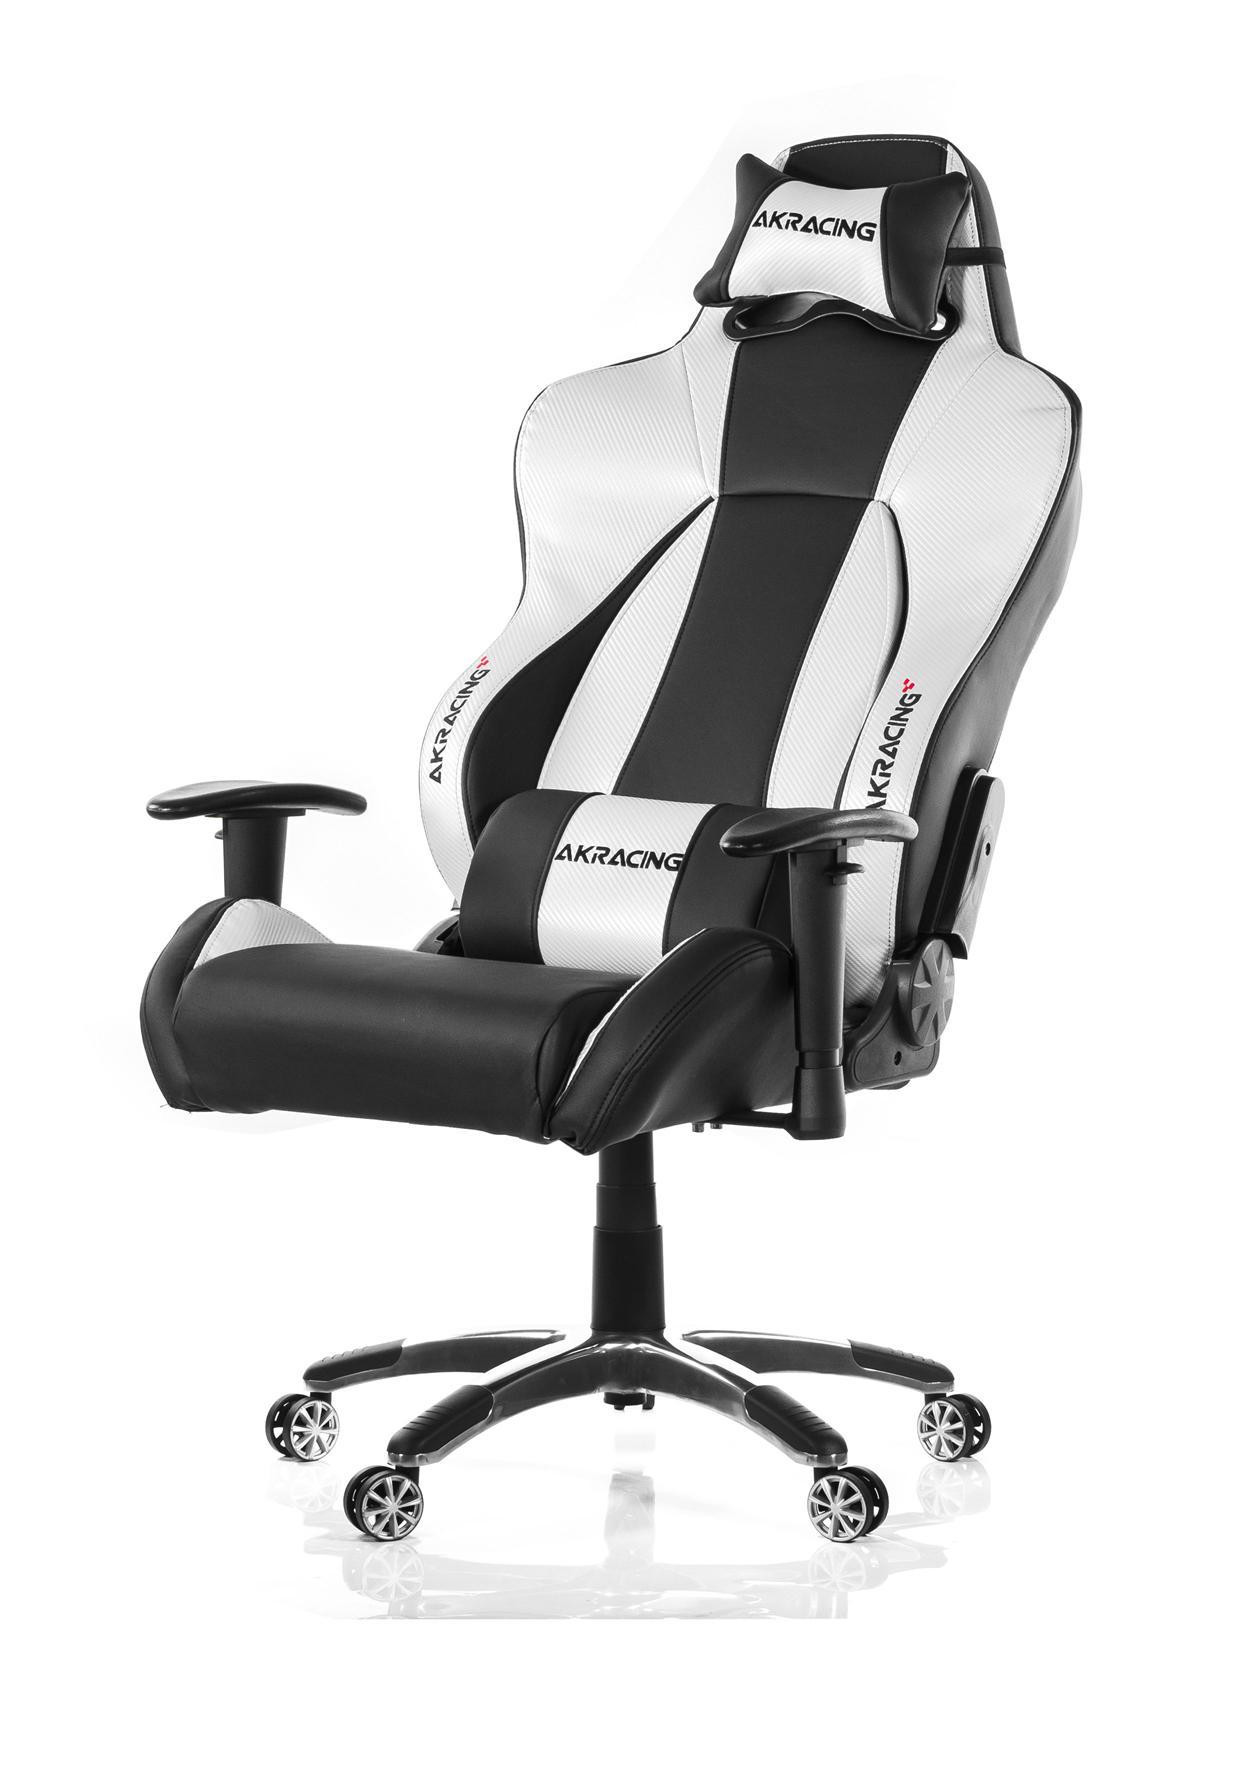 AKRACING PREMIUM Gaming Chair Black end 10 8 2016 4 15 PM